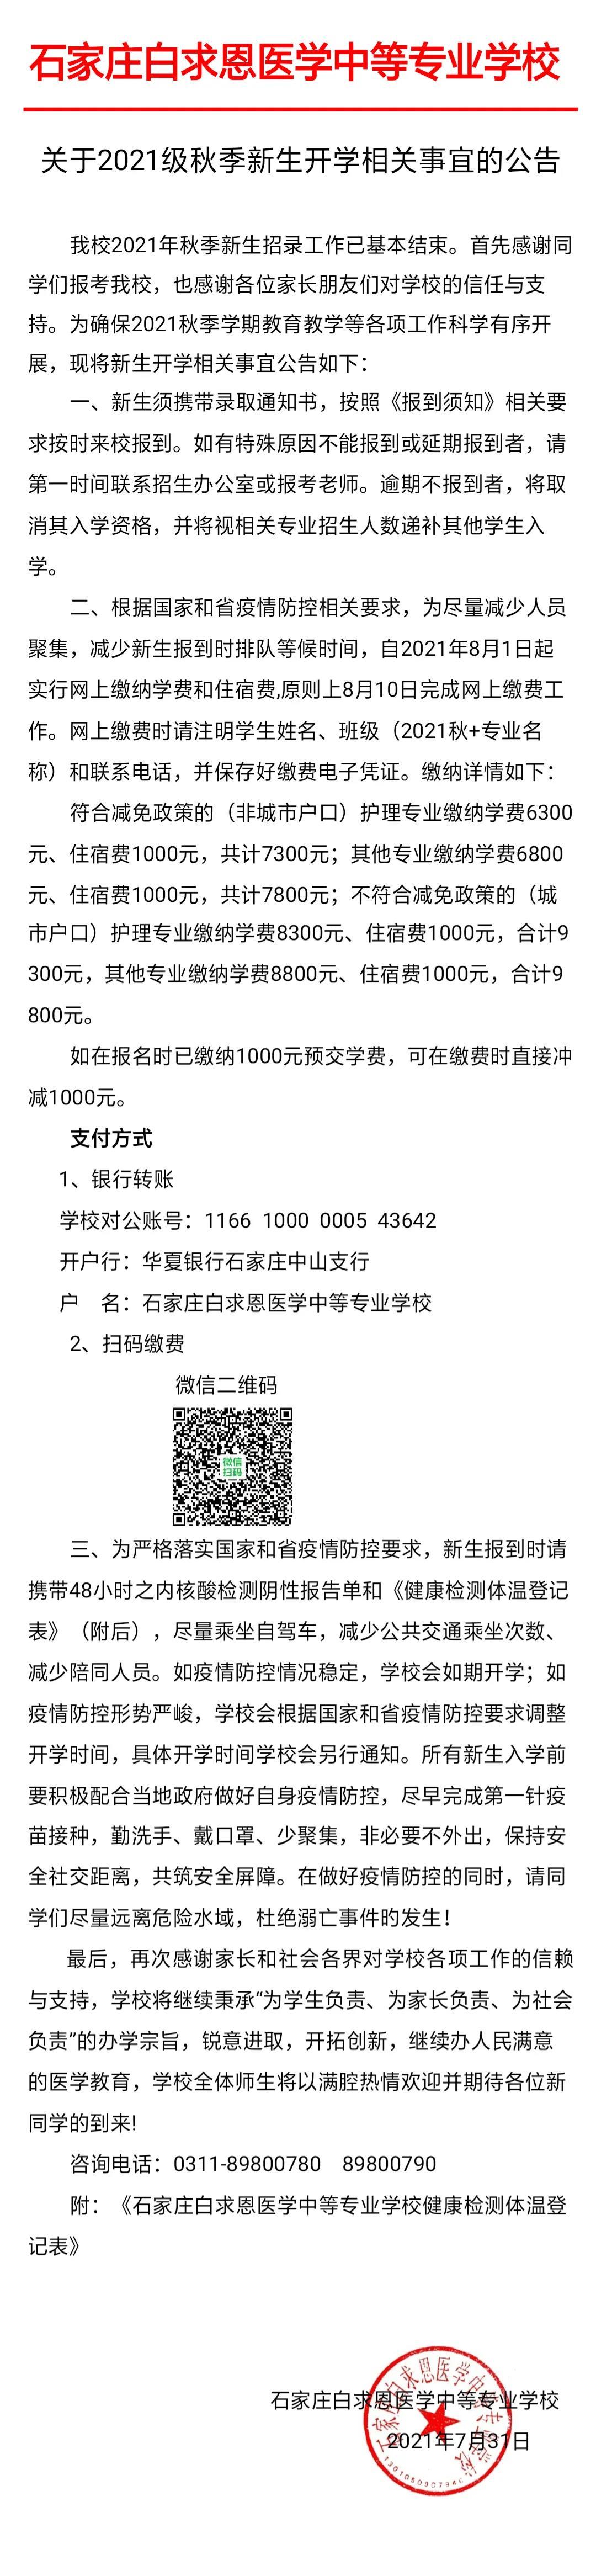 石家庄白求恩医学中等专业学校关于2021级秋季新生开学相关事宜的公告